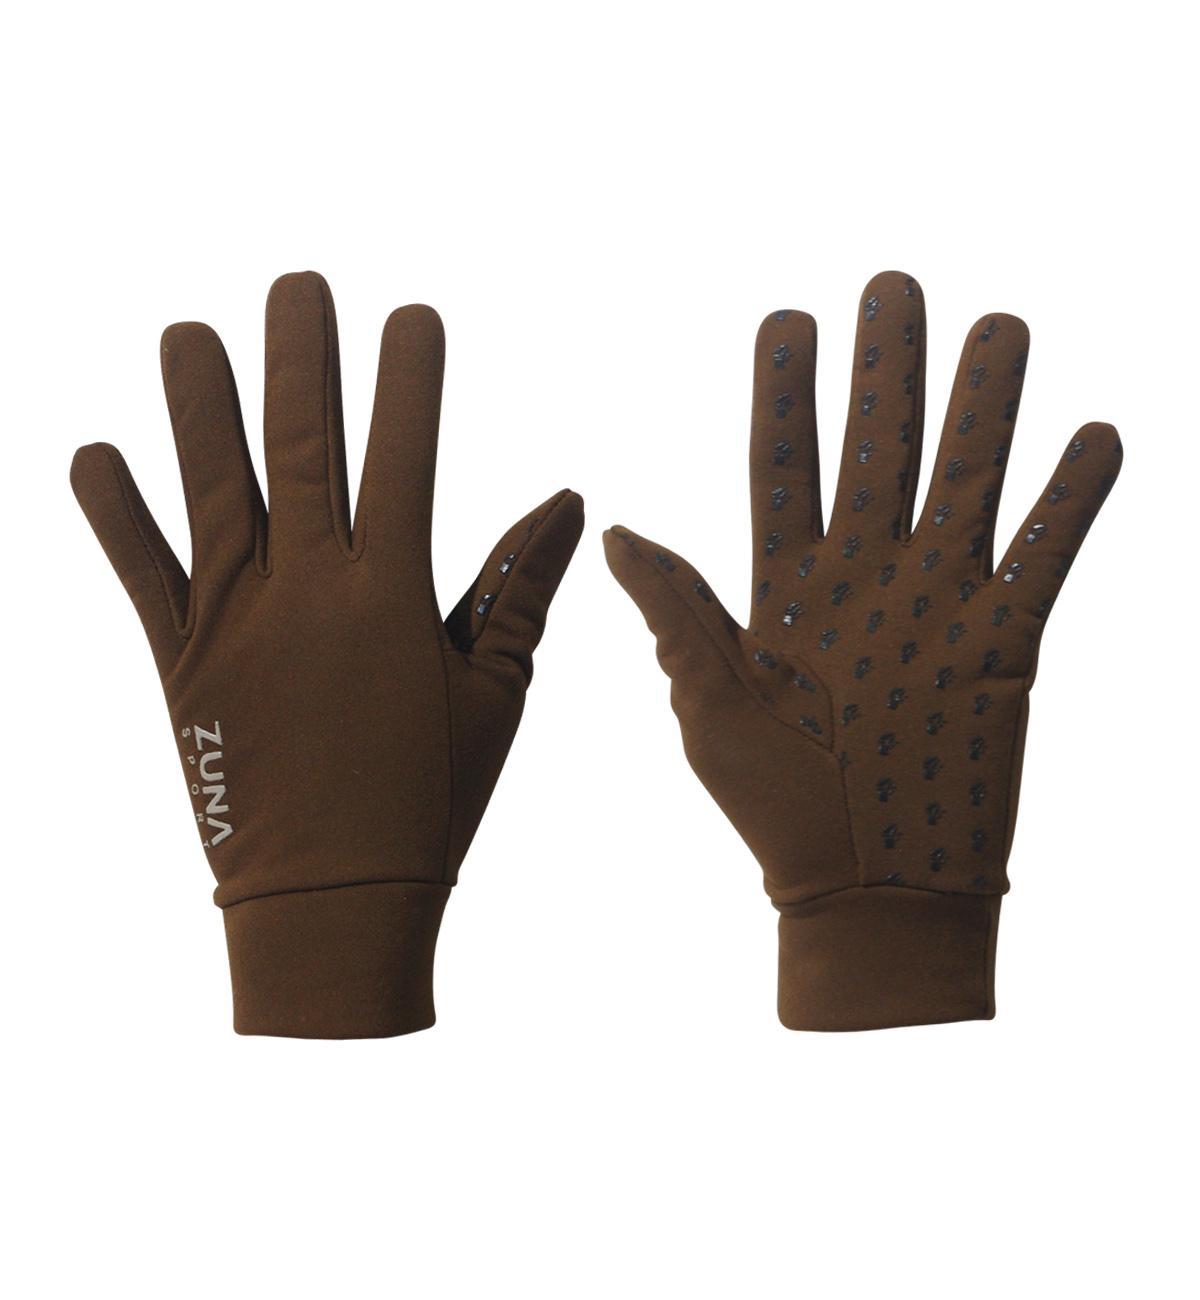 Fitur Best Seller Paket Aksesoris Motor Masker Kacamata Sarung Tangan Kulit Asli Garut Half Protection Brown Zuna Sport Men Freedom Multifunction Gloves Multifungsi